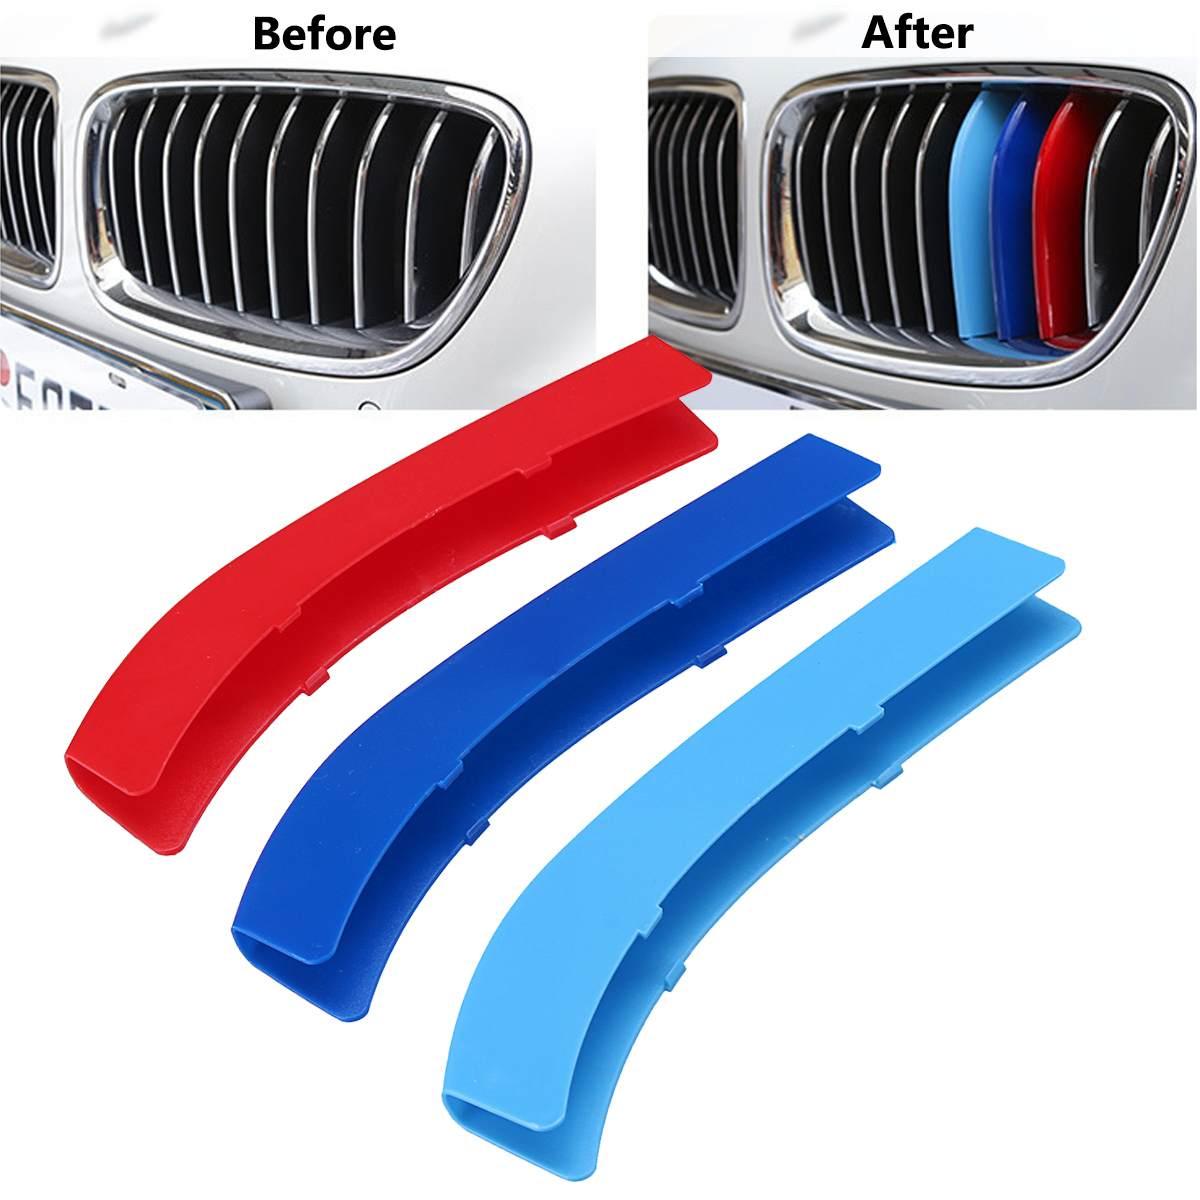 3pcs Auto Griglia Striscia di Copertura Trim Per BMW 1 3 5 Serie F30 F31 X5 X6 E90 E91 f10 F11 F18 E60 E61 E70 E84 F48 F20 F21